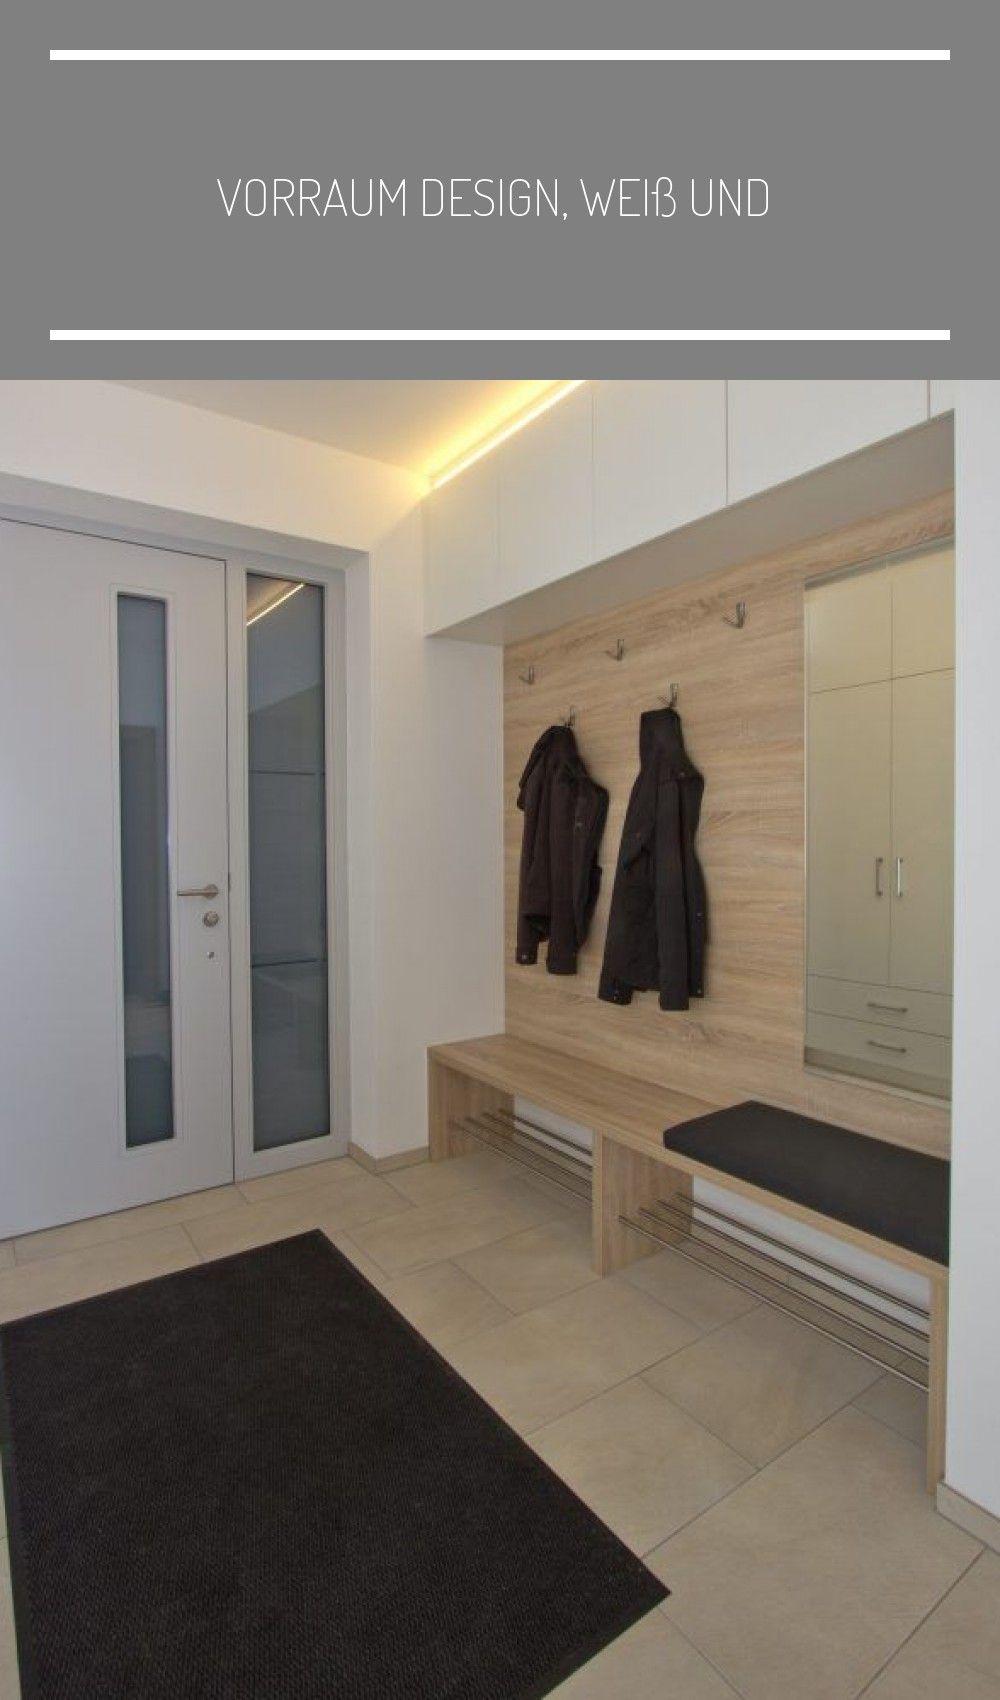 Vorraum Design Weiss Und In 2020 Vorraum Garderoben